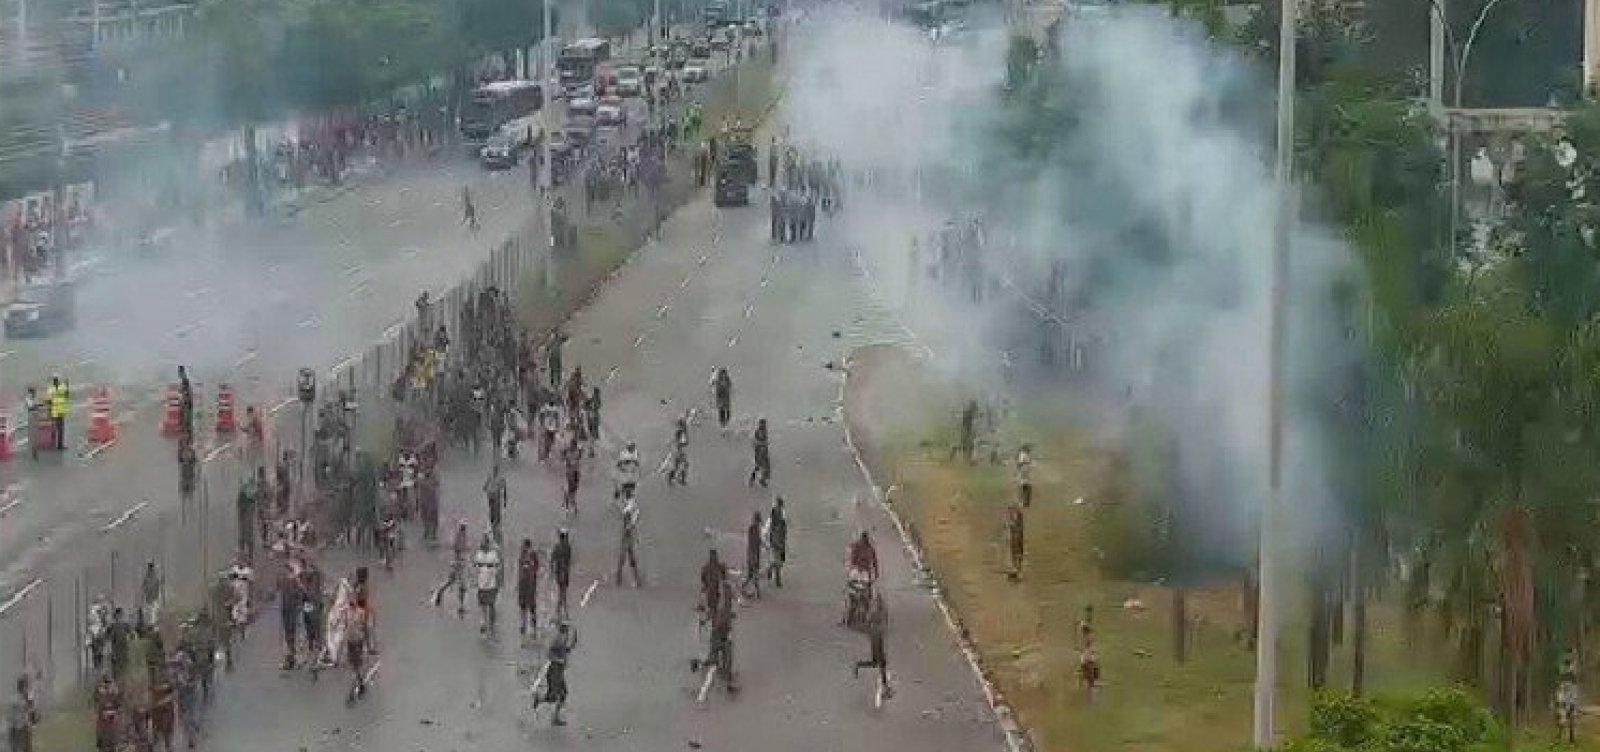 PM dispersa grupo de torcedores do Flamengo em torno do Maracanã com bombas de gás lacrimogêneo